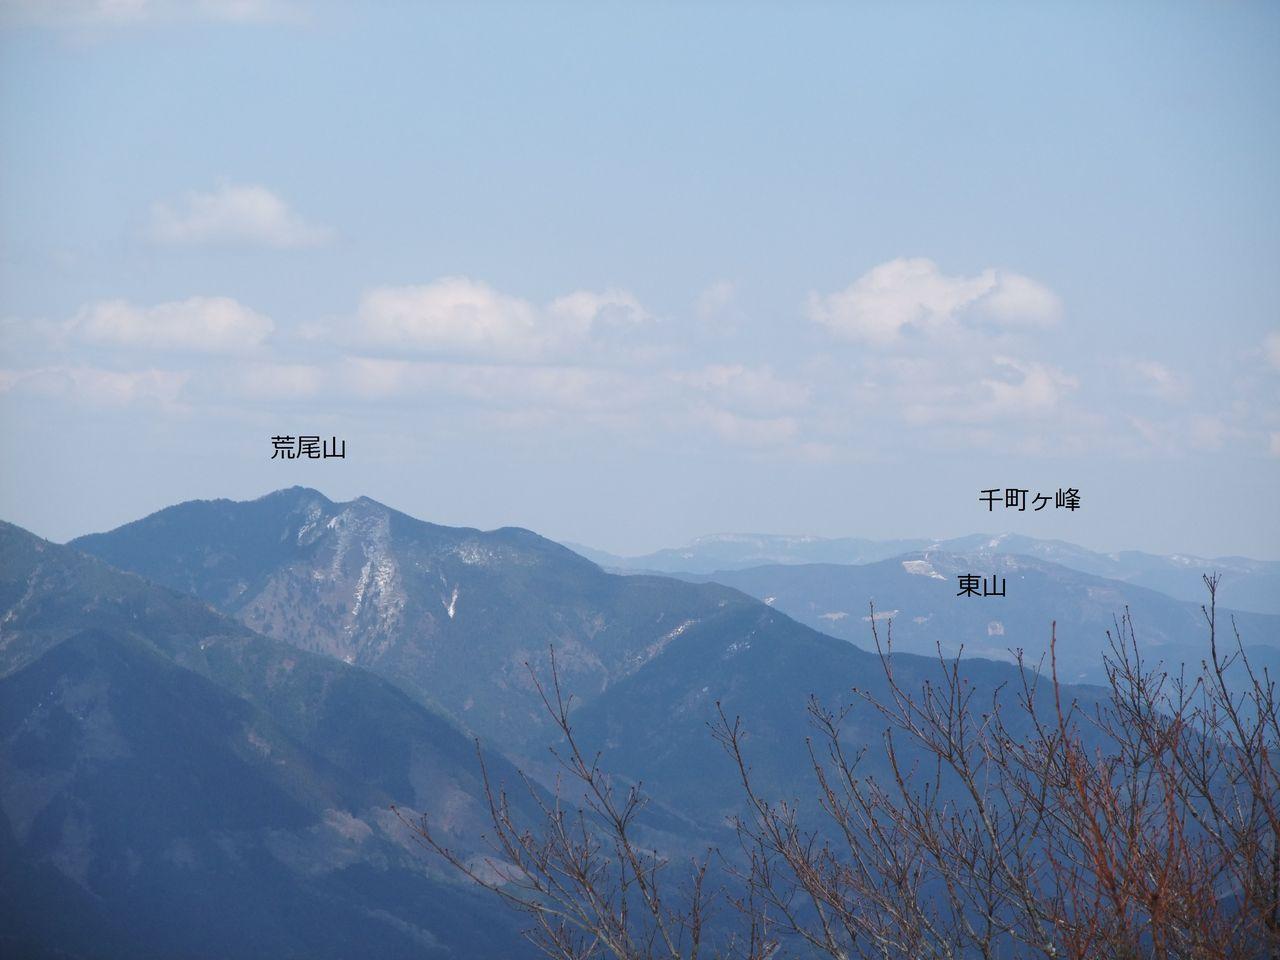 日名倉山 荒尾山 東山 千町ヶ峰